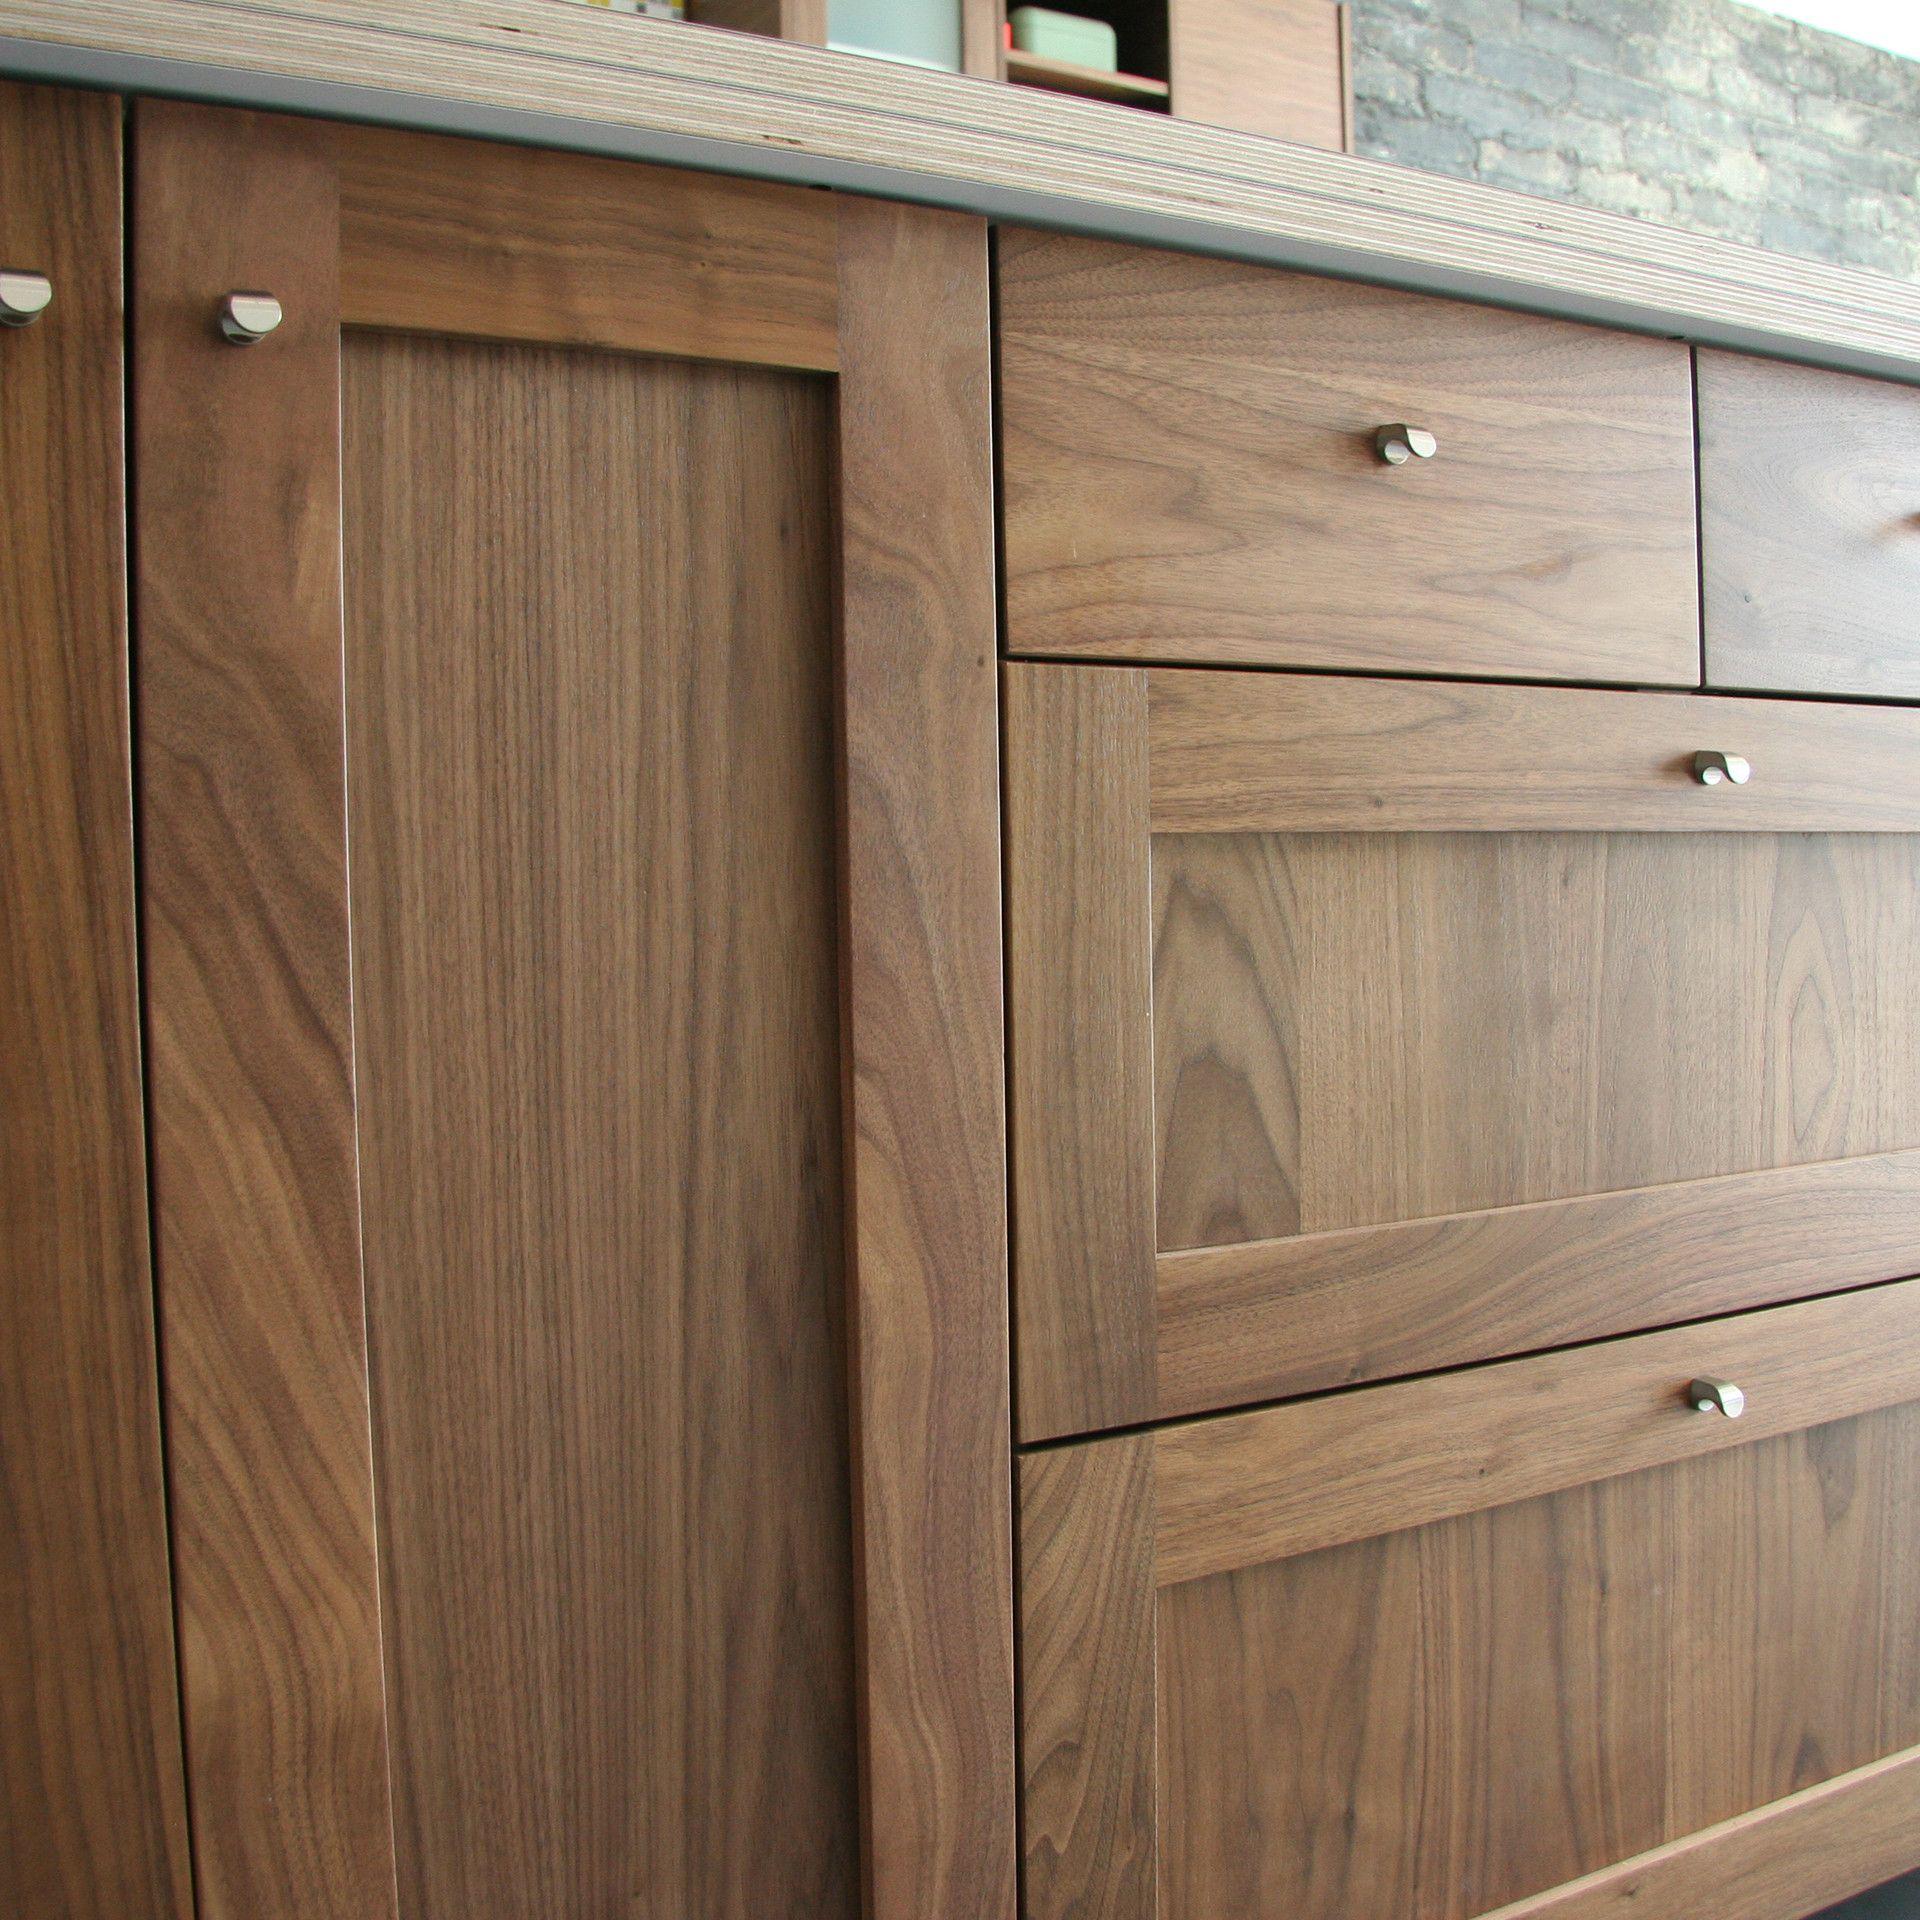 Semihandmade shaker ikea cabinet doors semihandmade kitchens